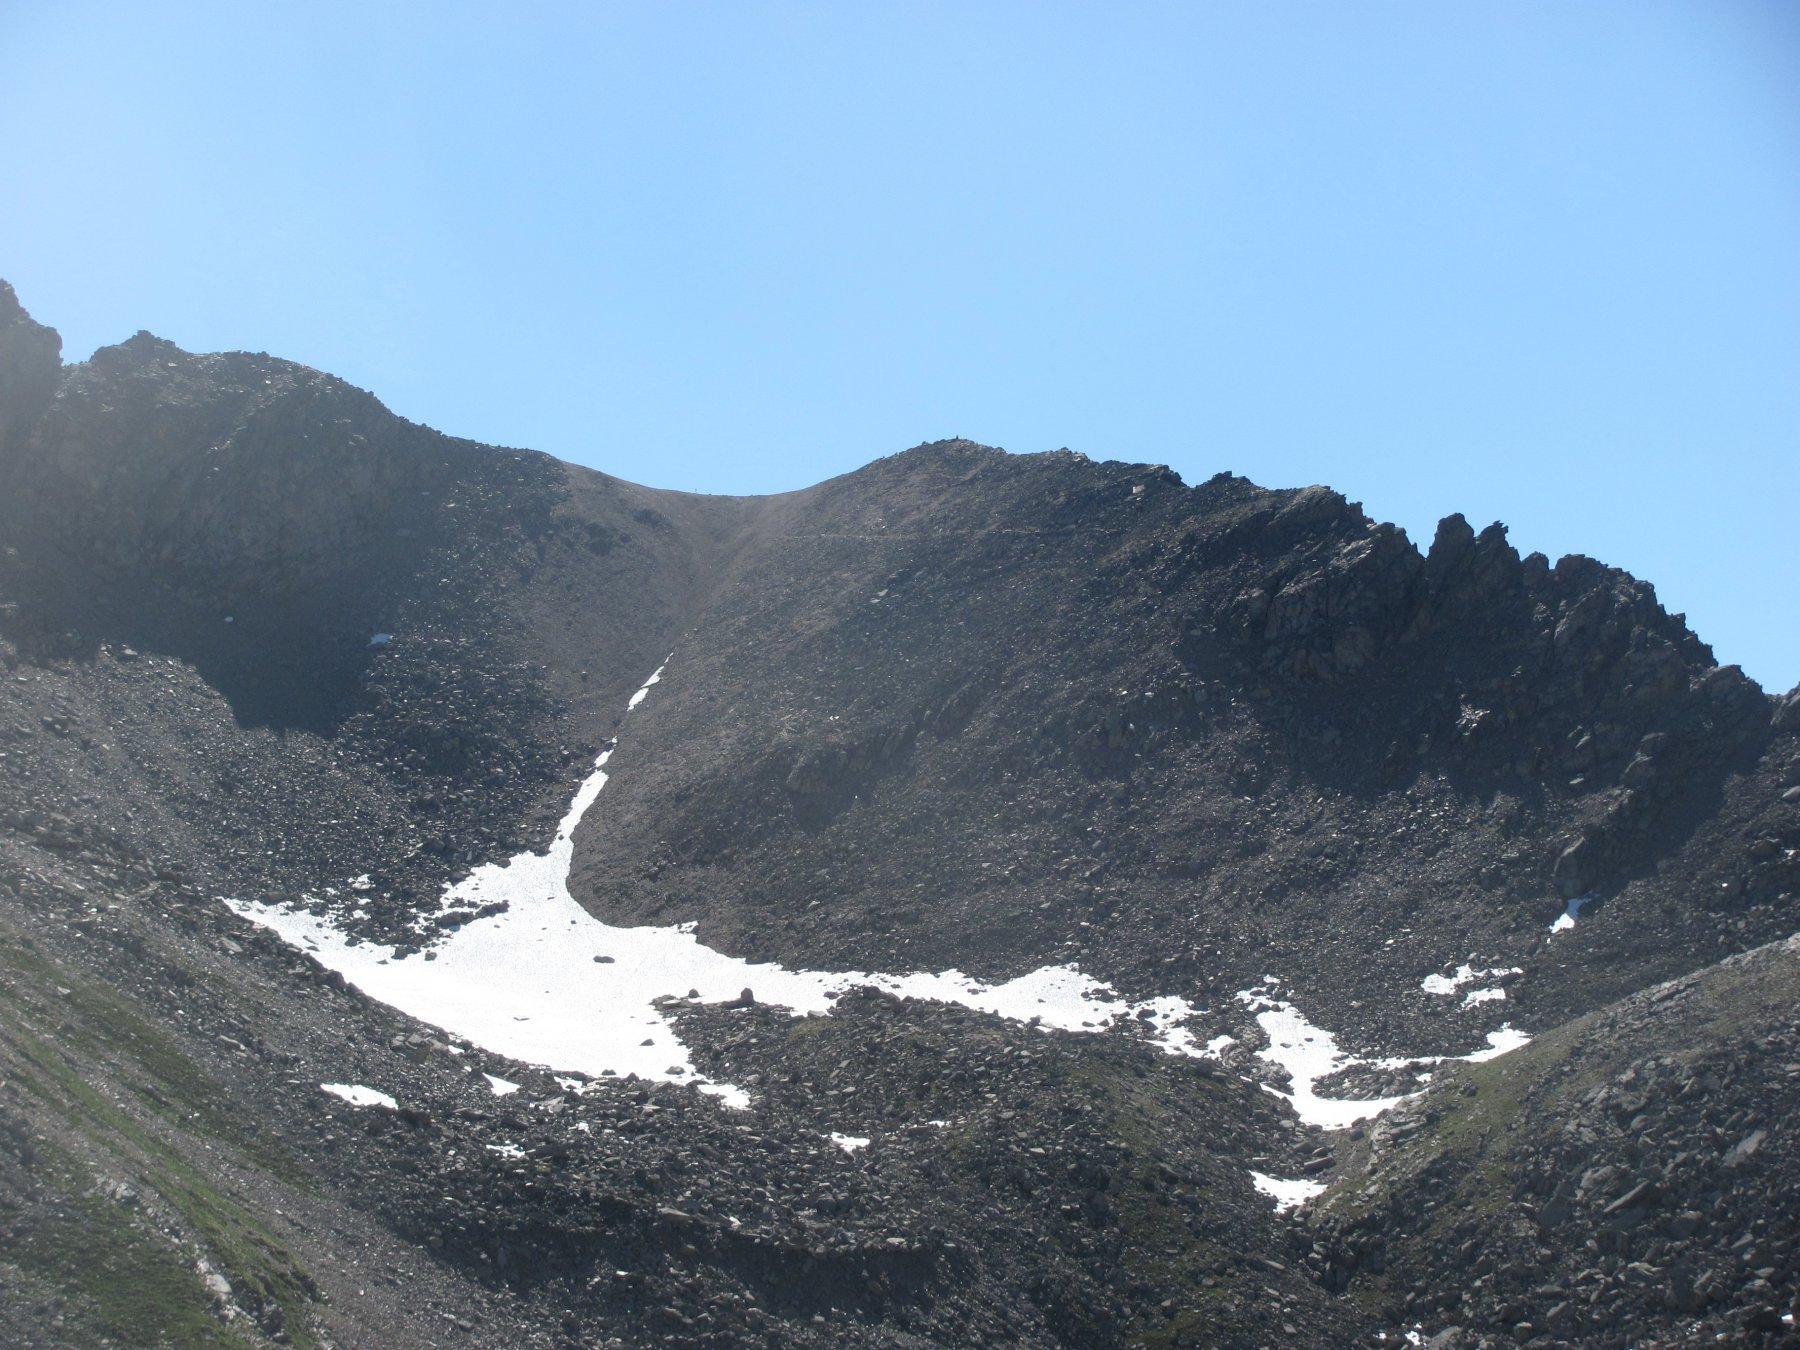 La minuscola P.ta Rocchetta,  a destra del Colle della Terra